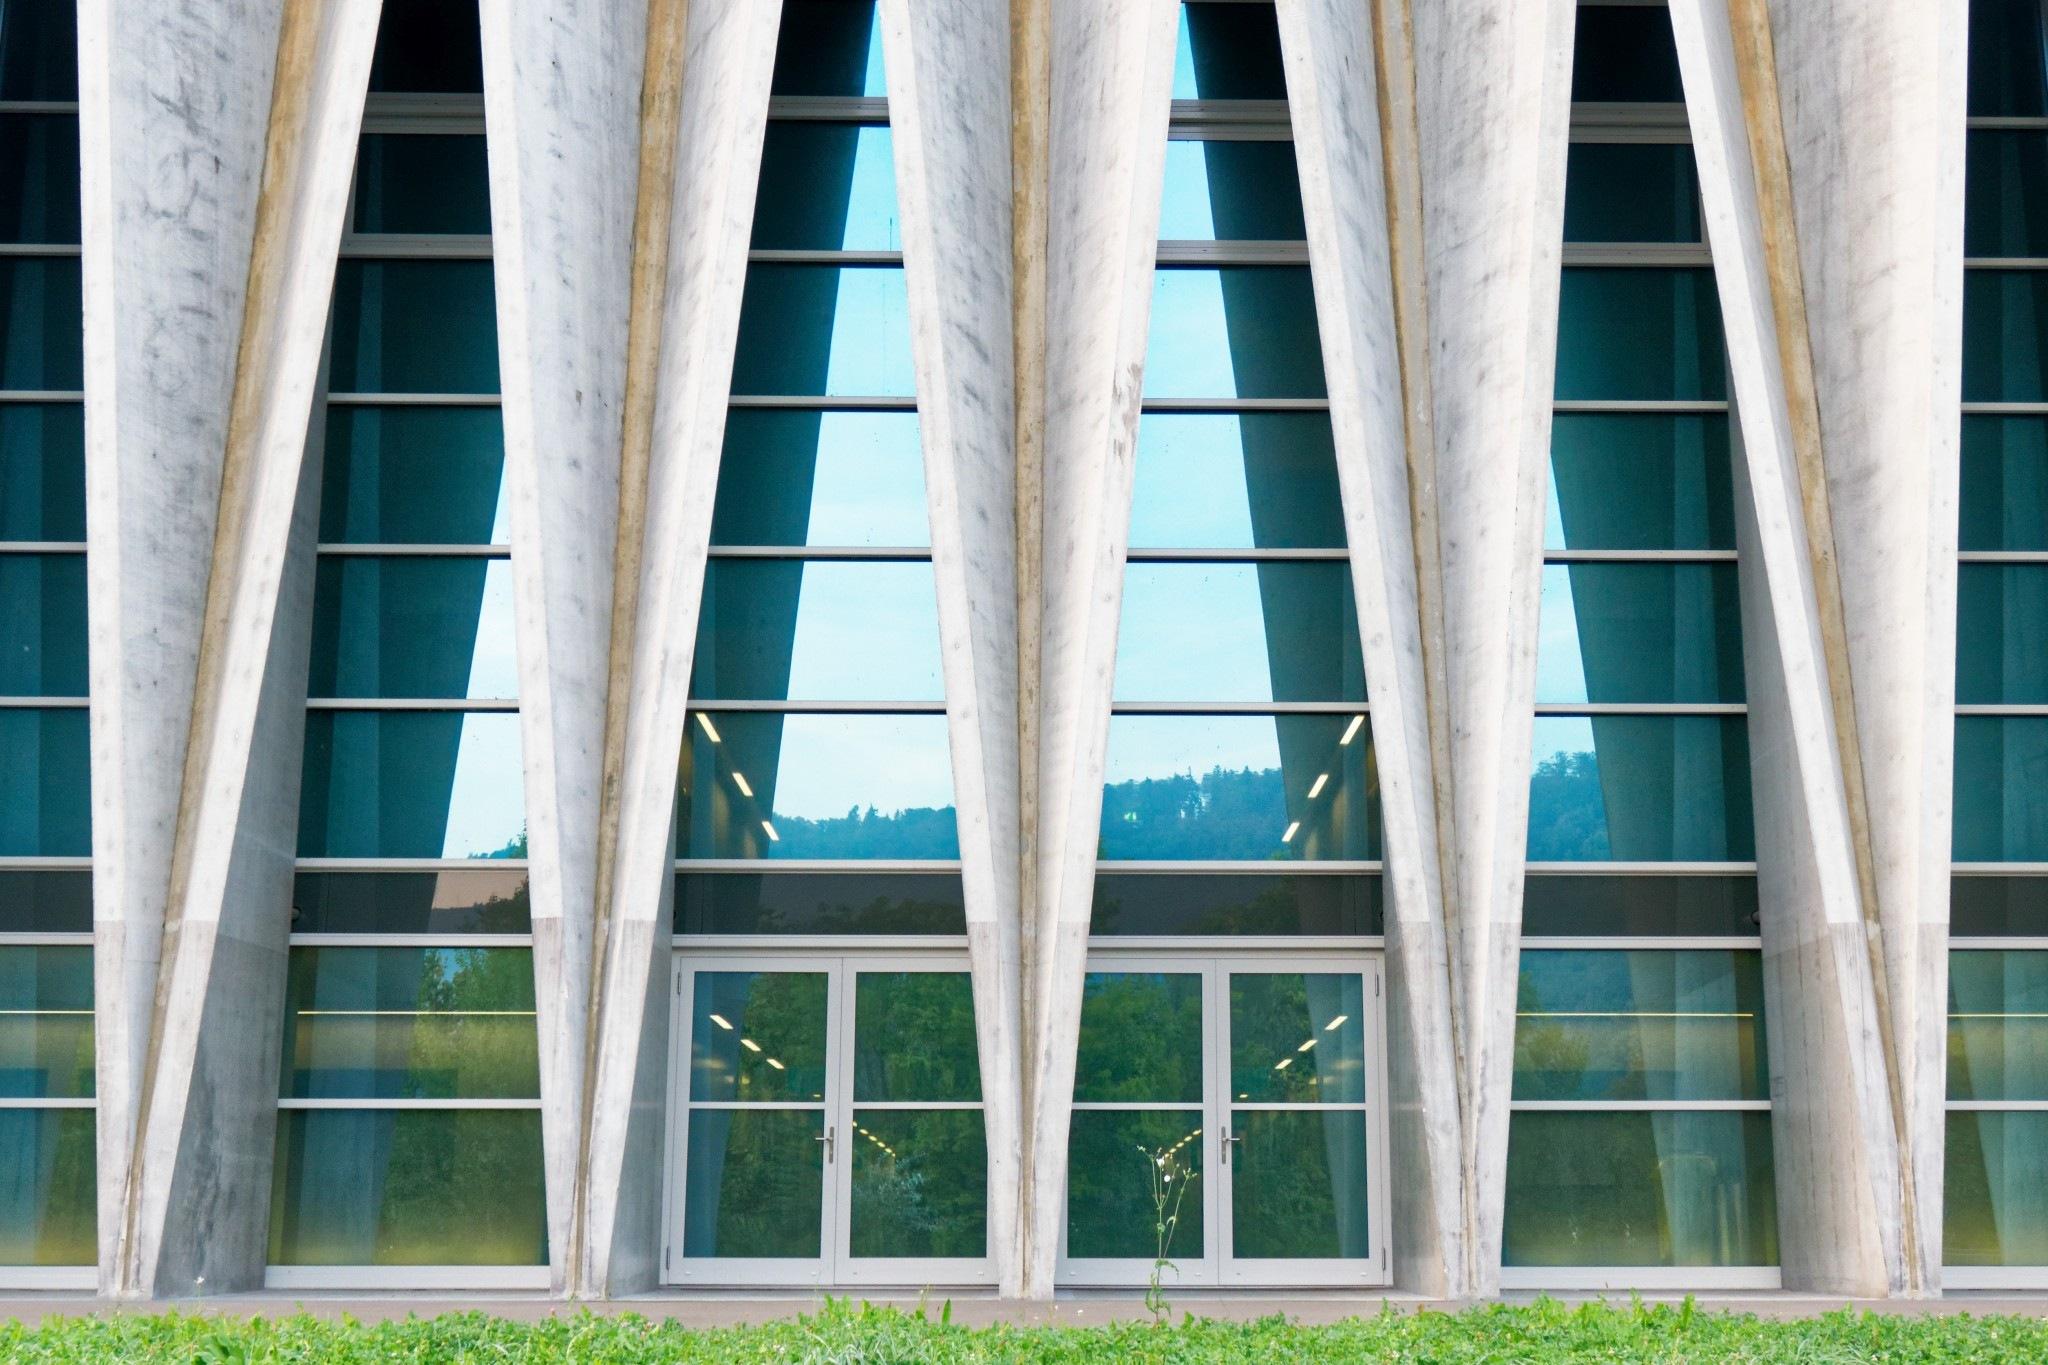 Turnhalle by Hansjuerg Buehler